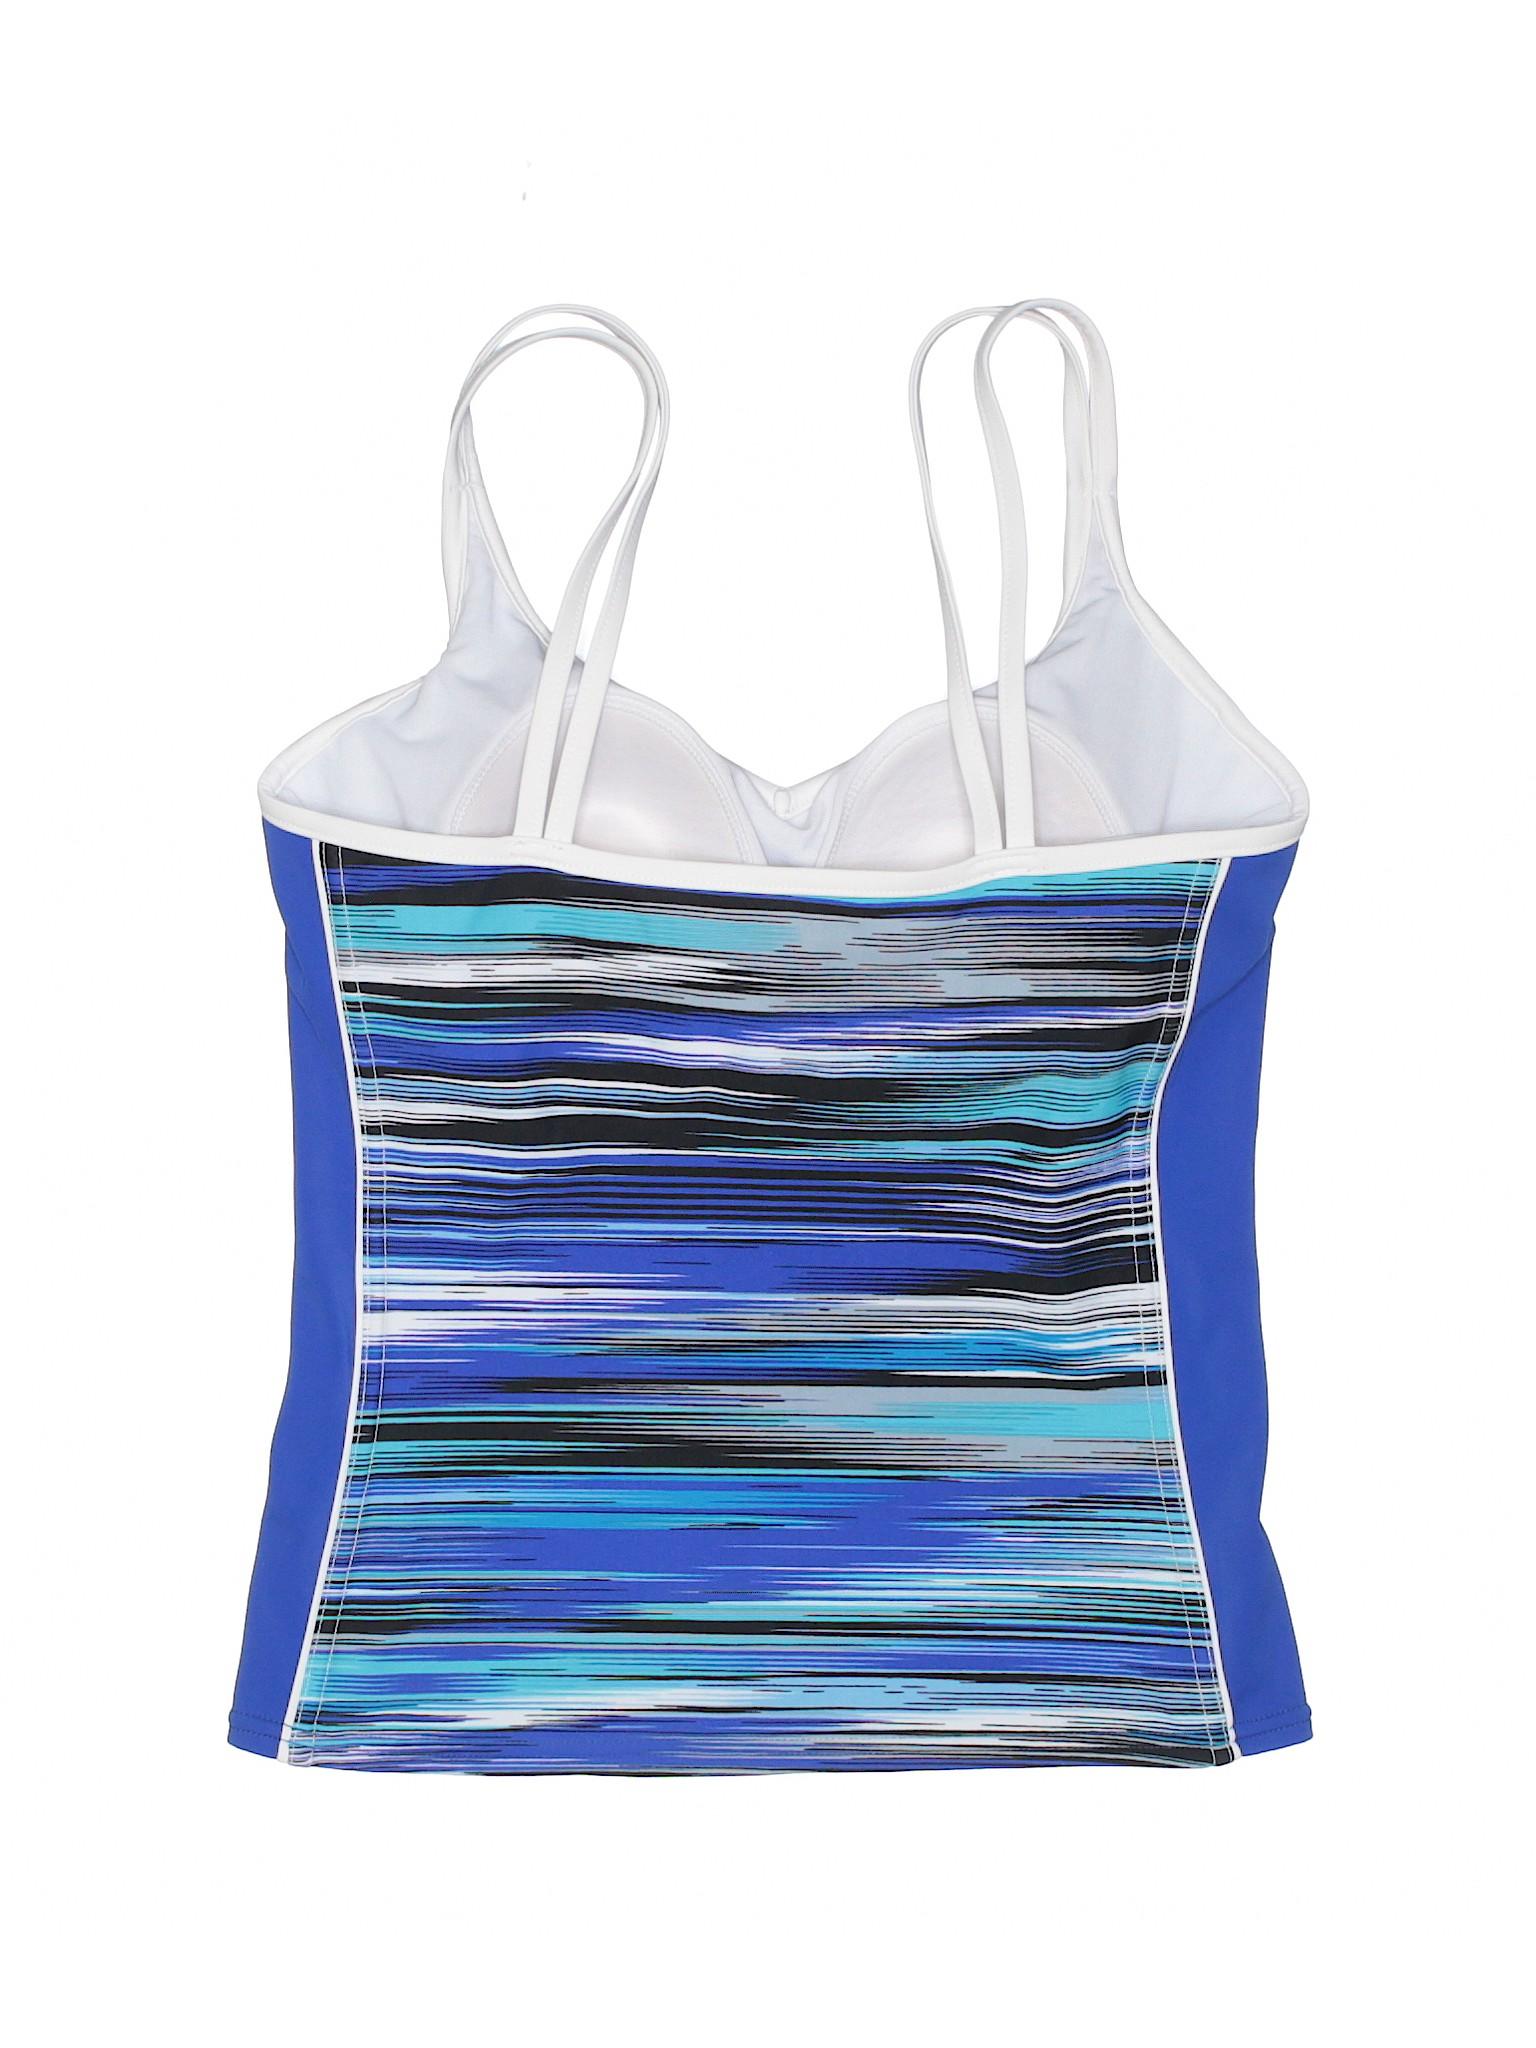 Boutique ZeroXposur Top Top Swimsuit Swimsuit ZeroXposur Boutique aOqxHwFtE